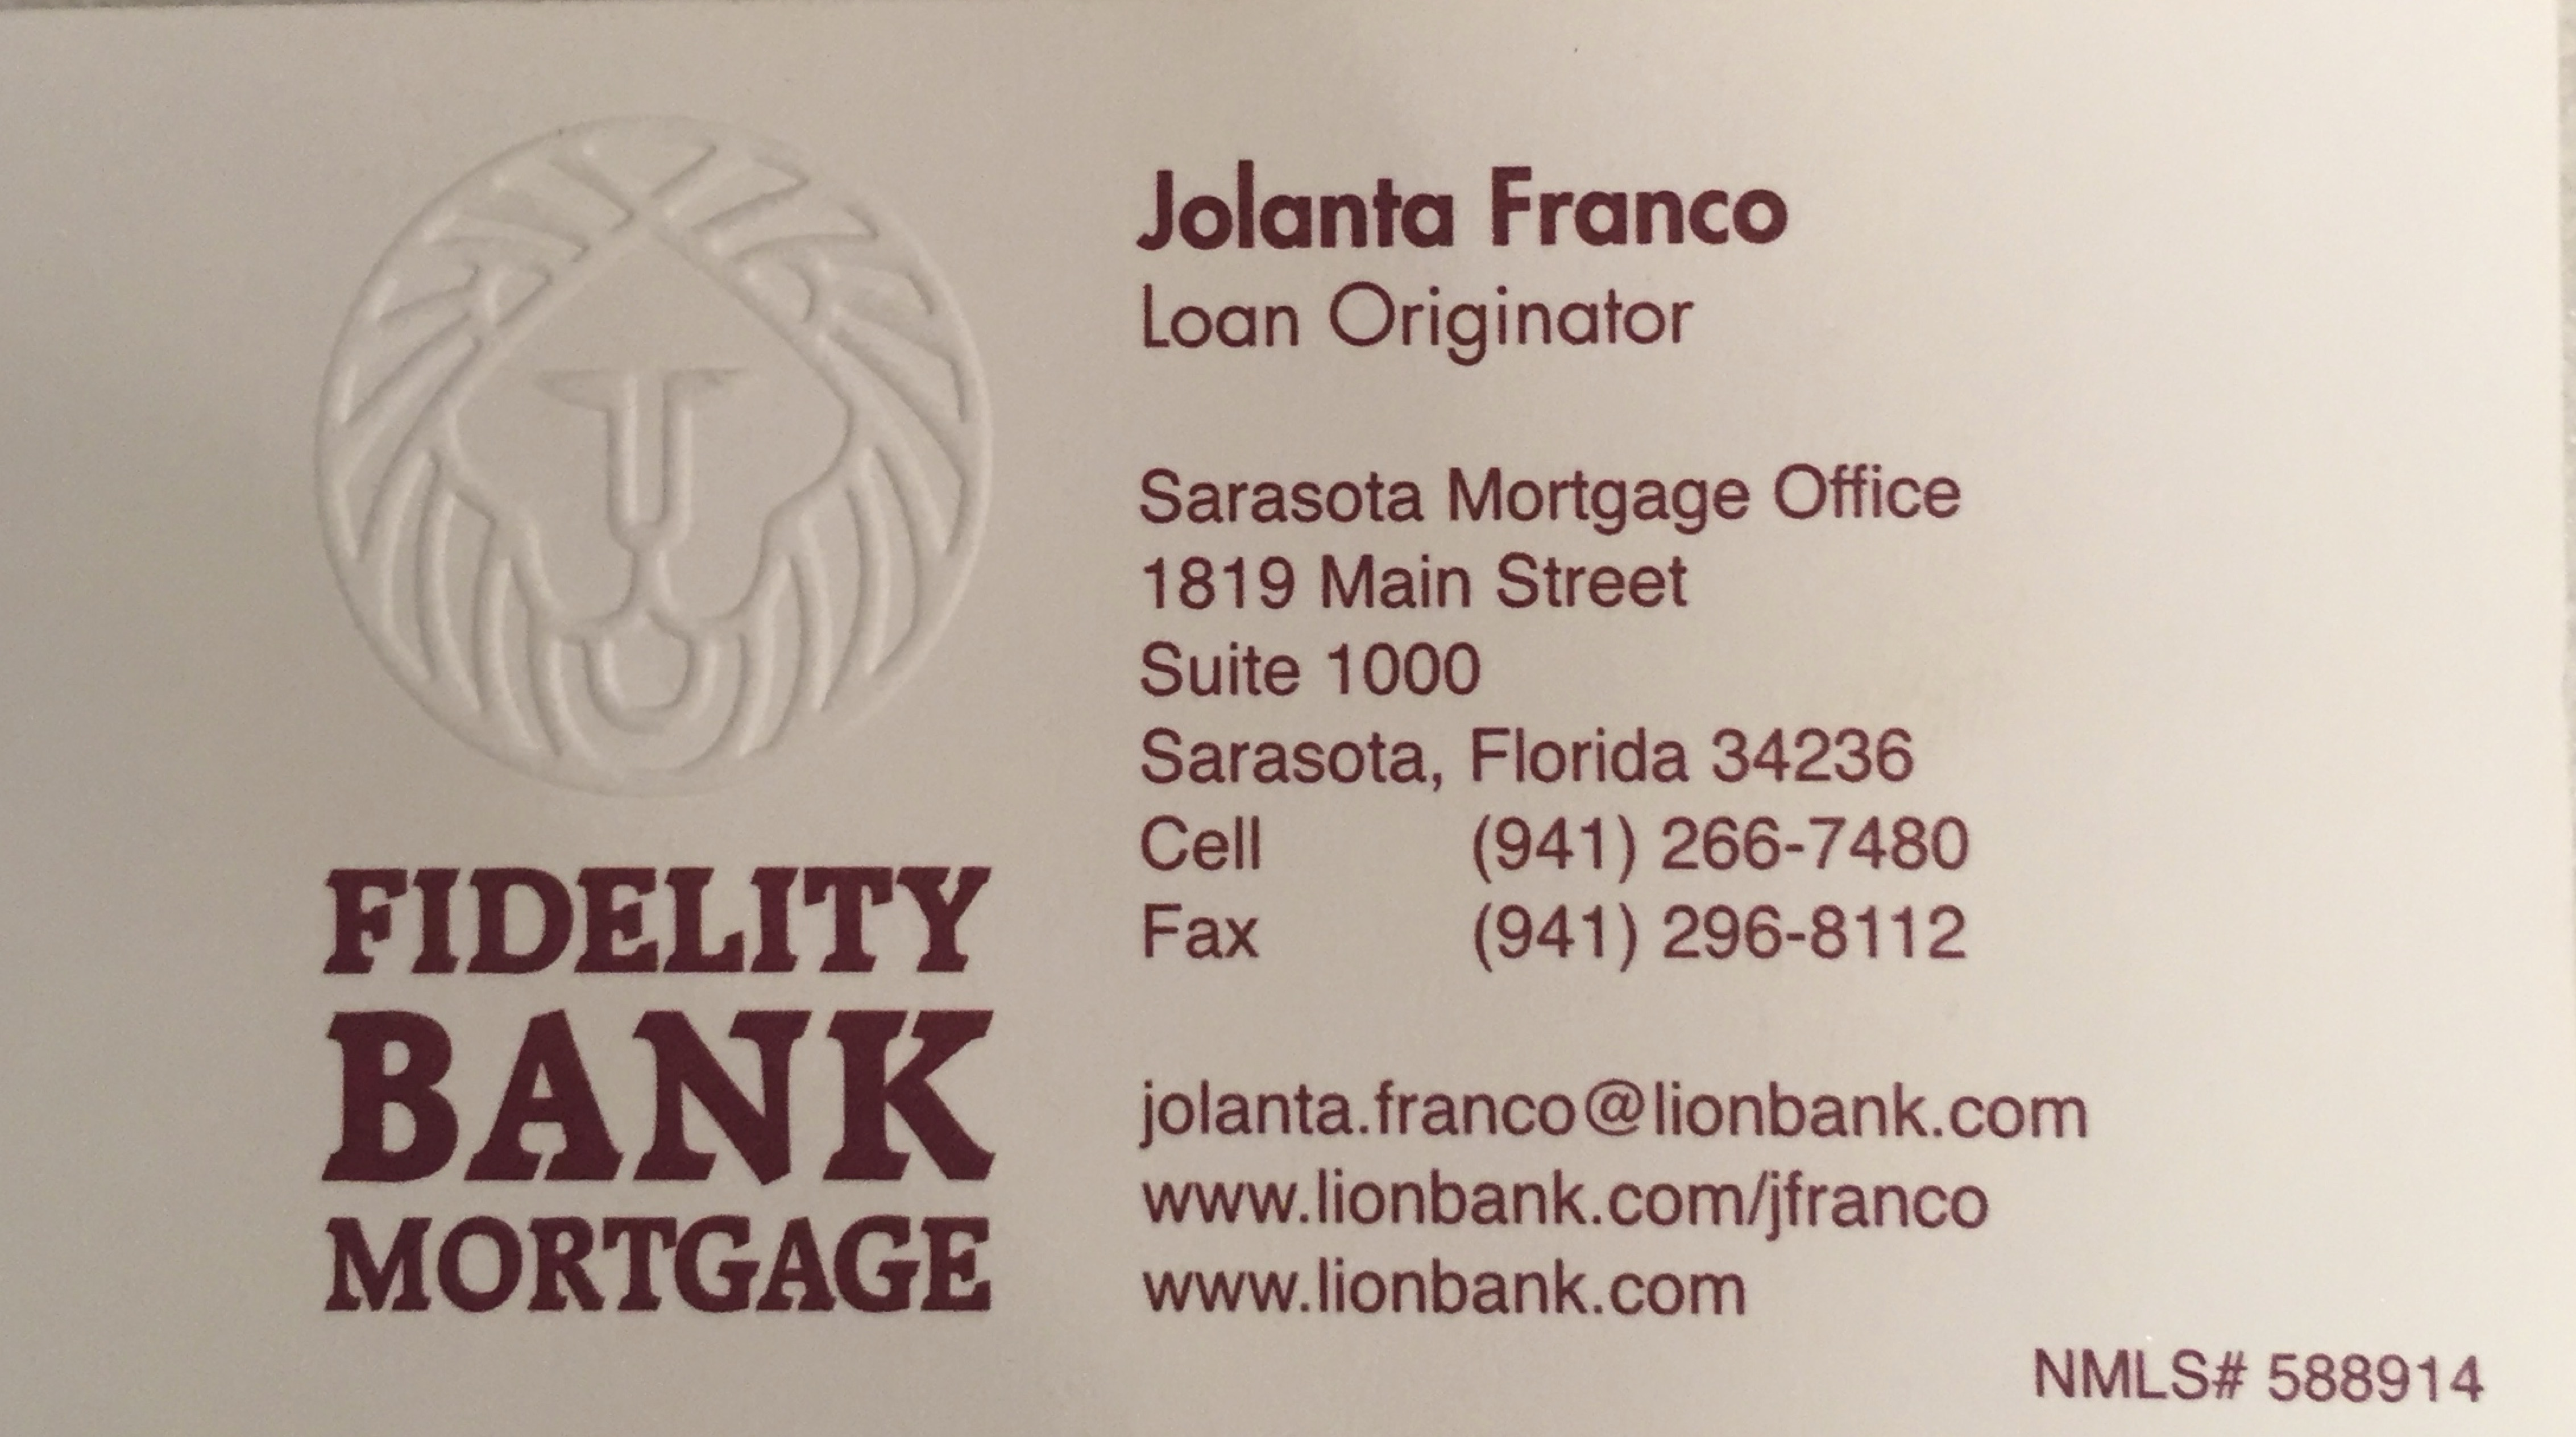 Loans Fidelity Bank Kredyty Pożyczki Jolanta